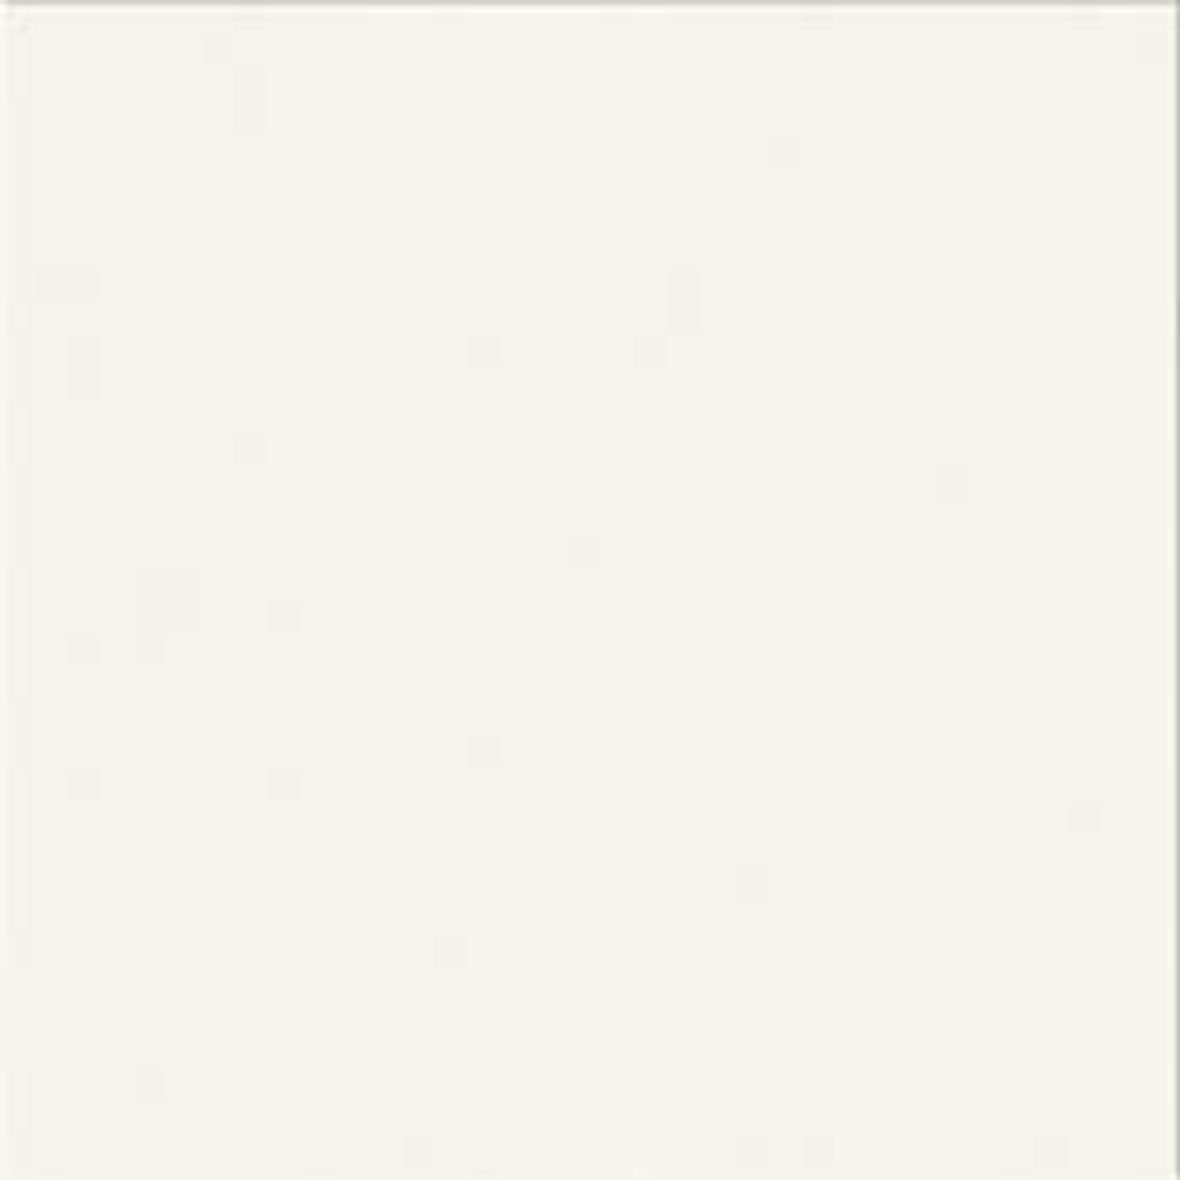 MONOBLOCK WHITE MATT 20X20 G1